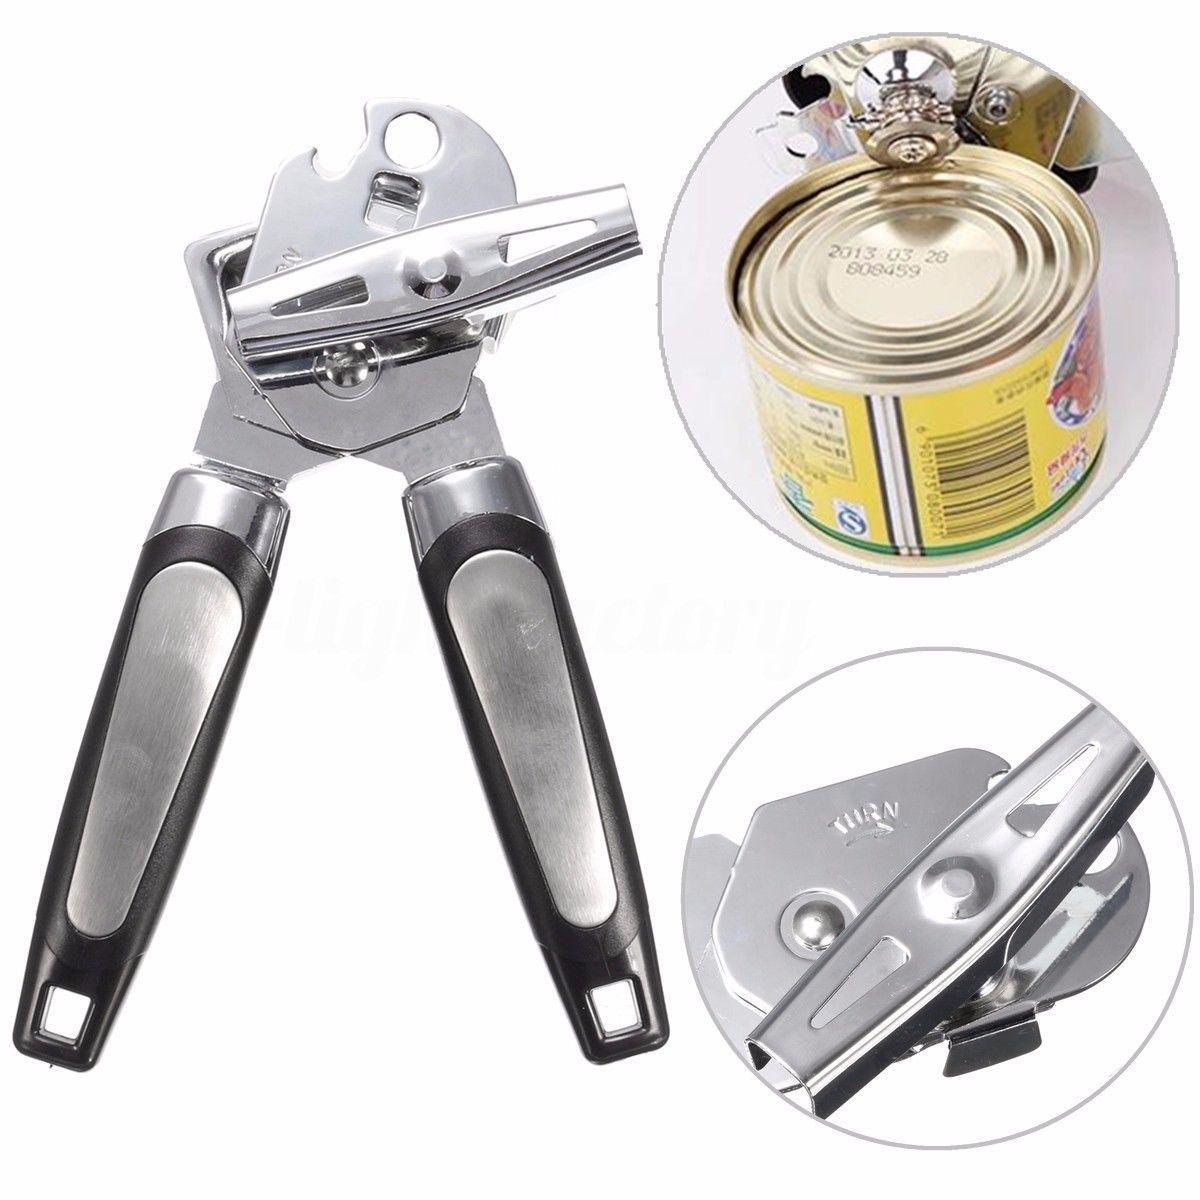 Heavy Duty Craft Restaurant Tool Lid Open Tin Opener Bottle Opener Can Opener